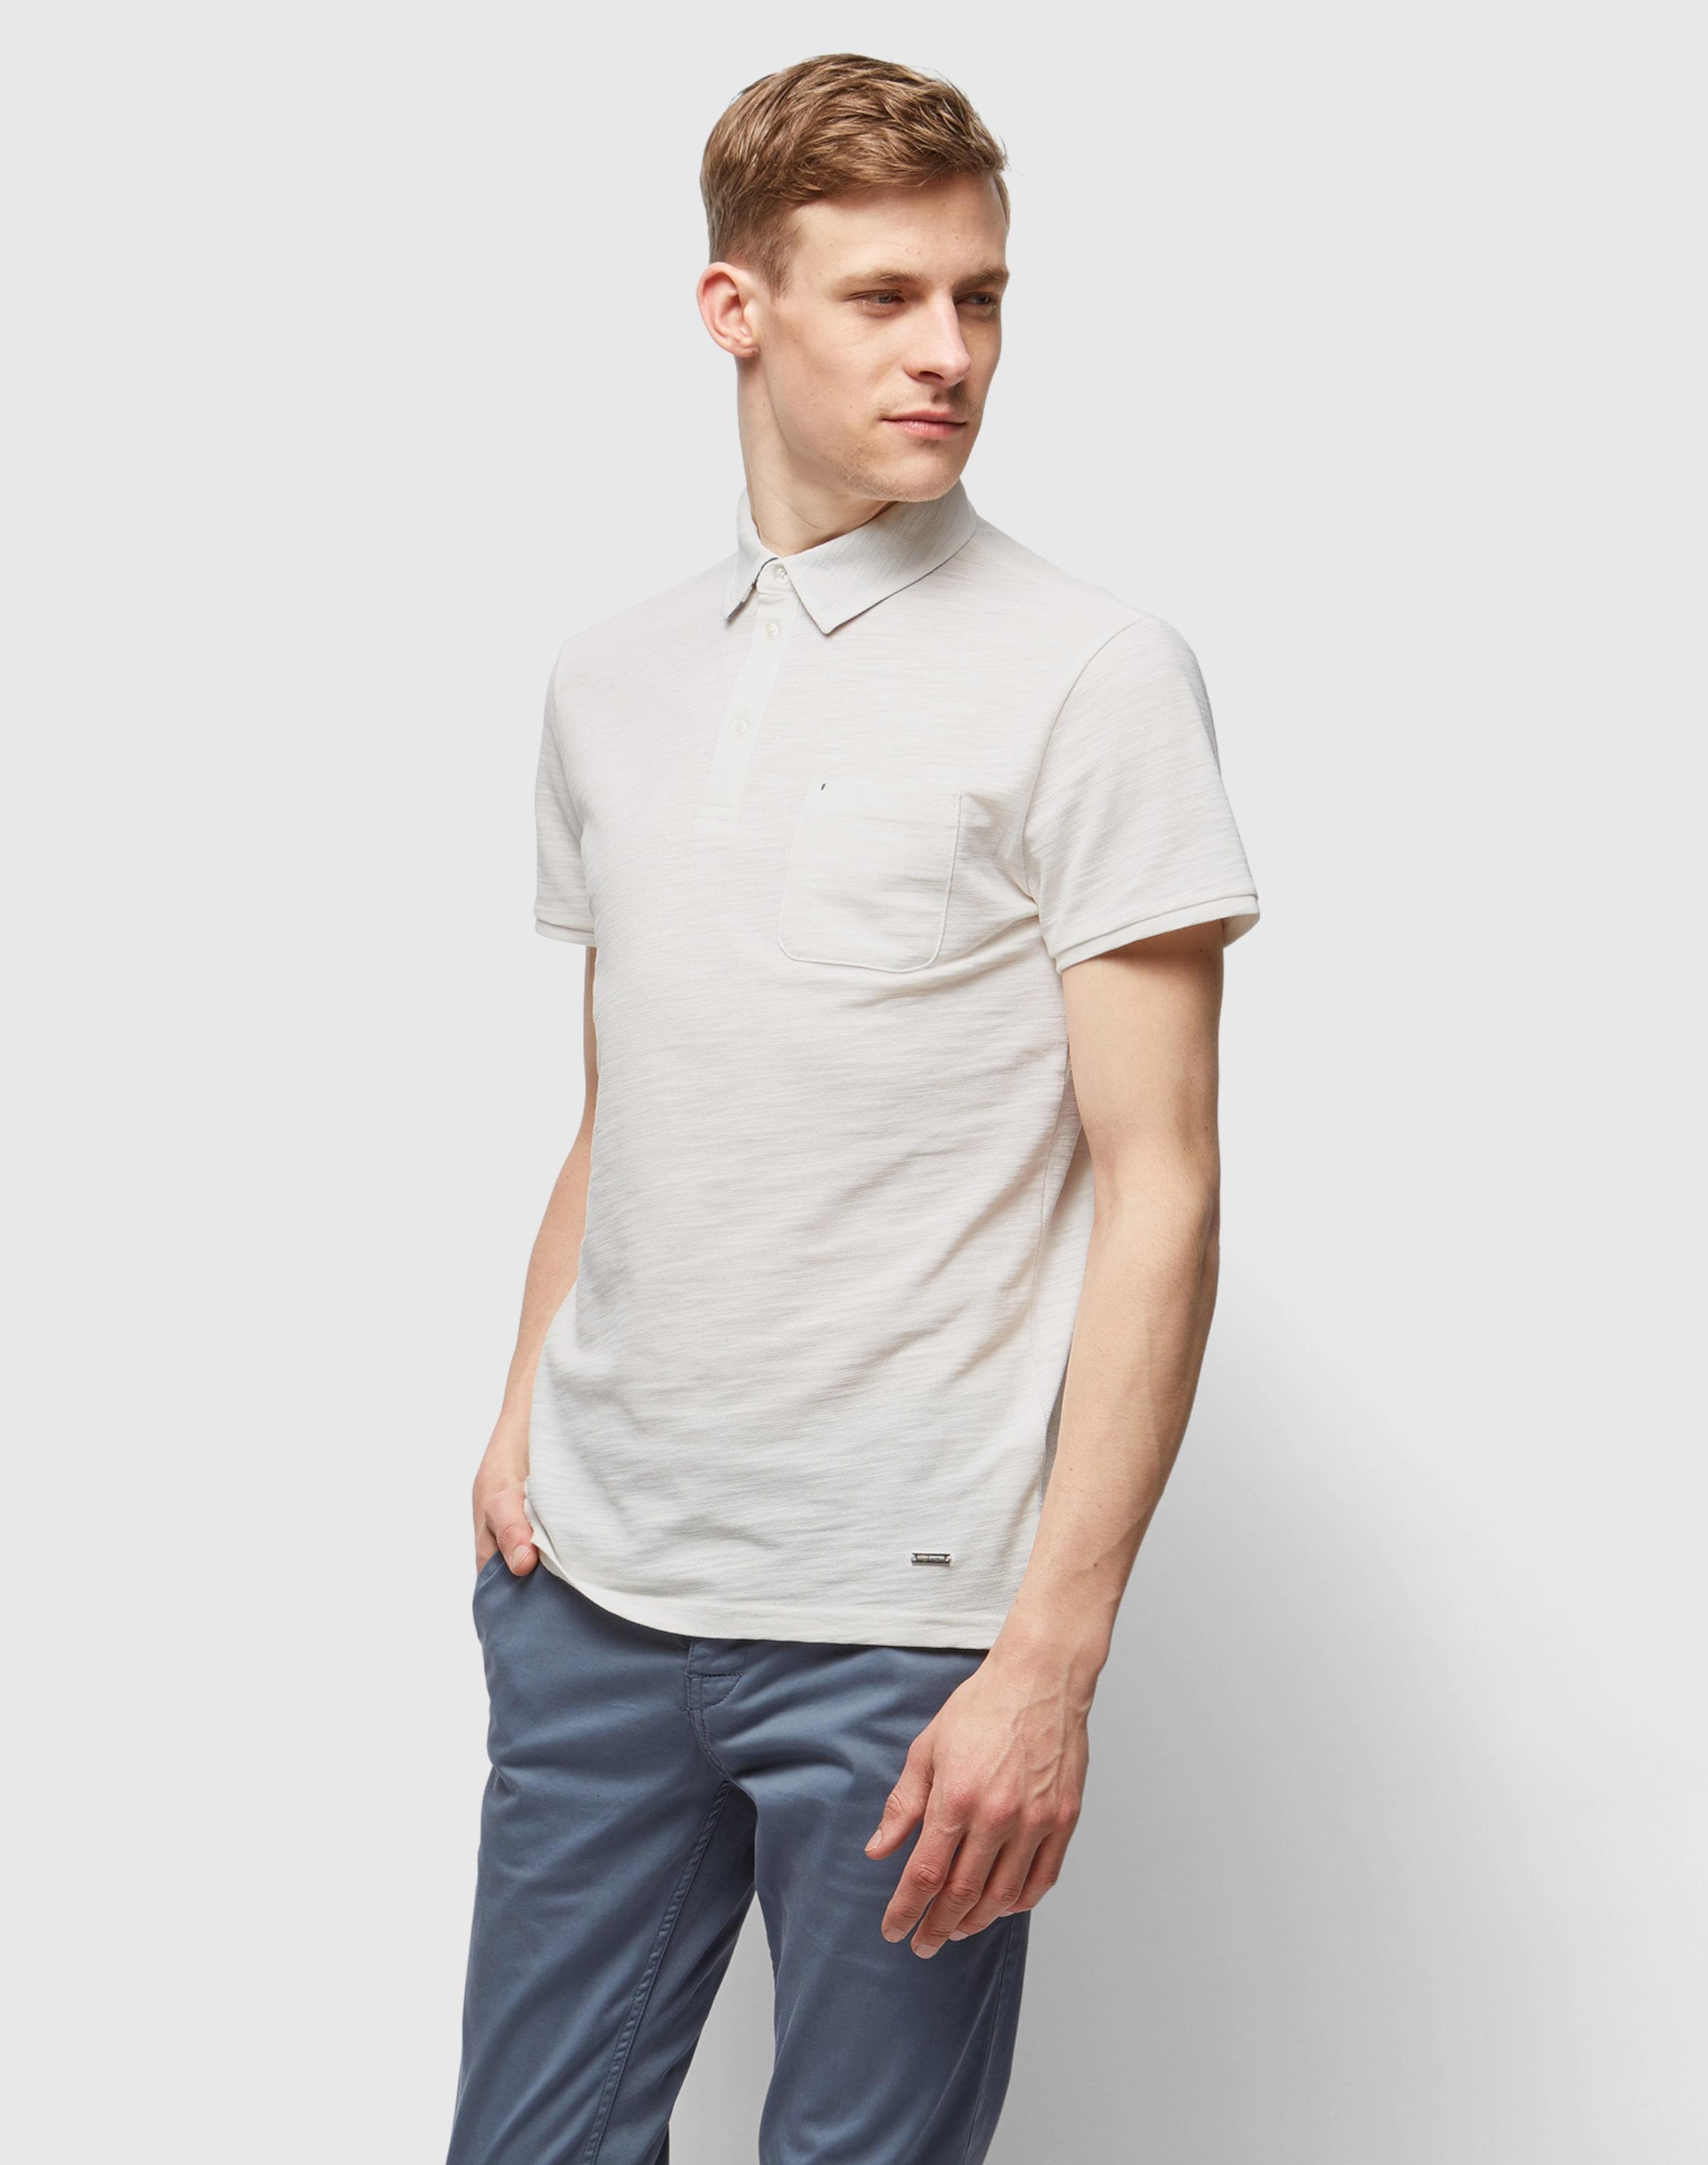 Neuester Günstiger Preis BOSS Poloshirt mit aufgesetzter Brusttasche 'Plainer' 2018 Neueste Online LrIgFHp2Ry